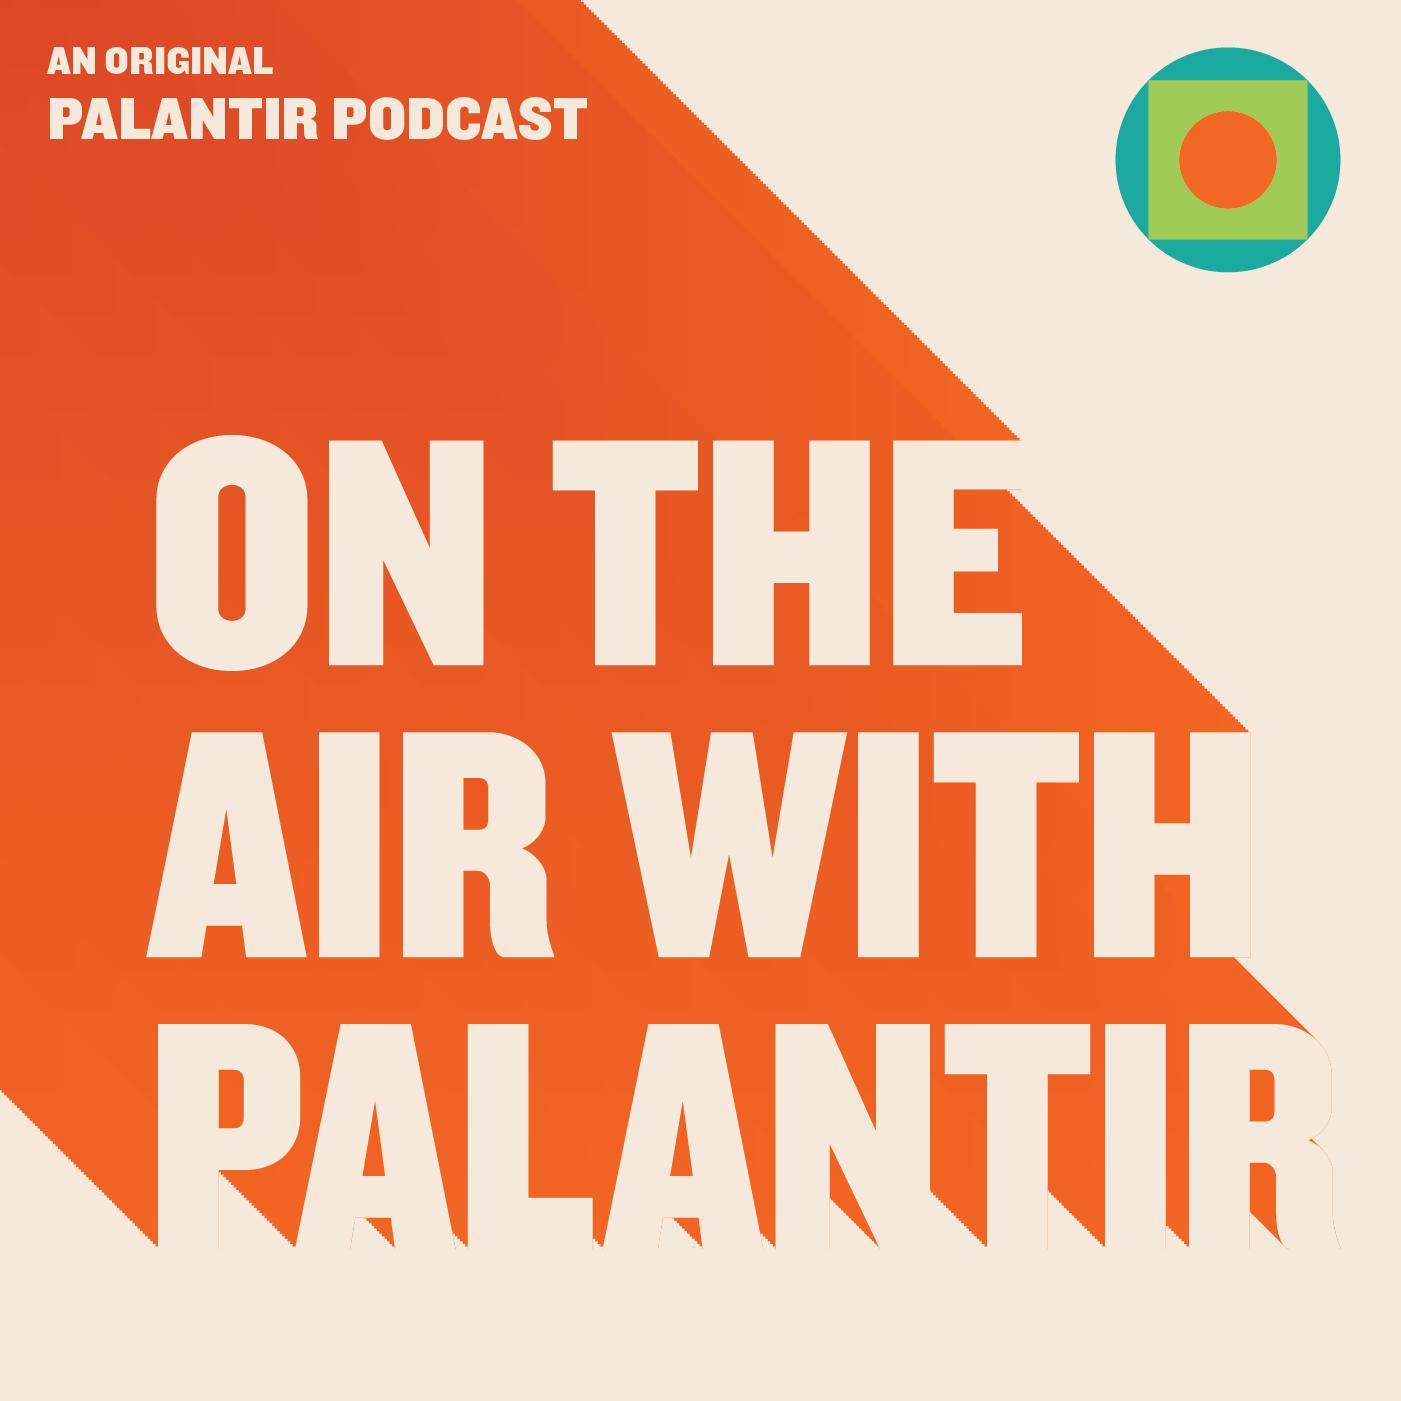 On the Air With Palantir